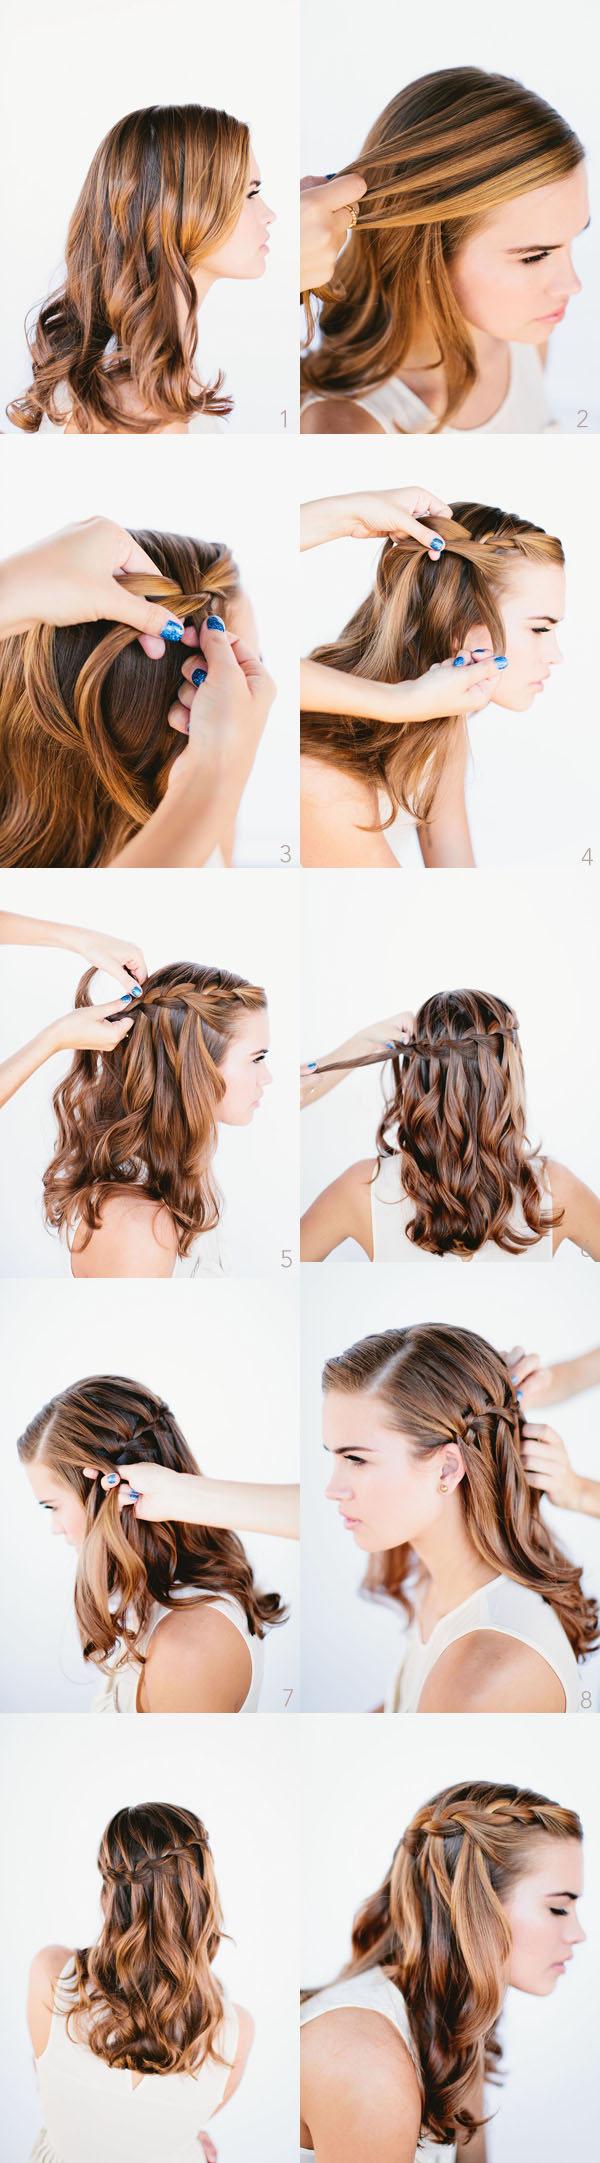 Como posso modelar meu cabelo cacheado com passos fáceis em casa?